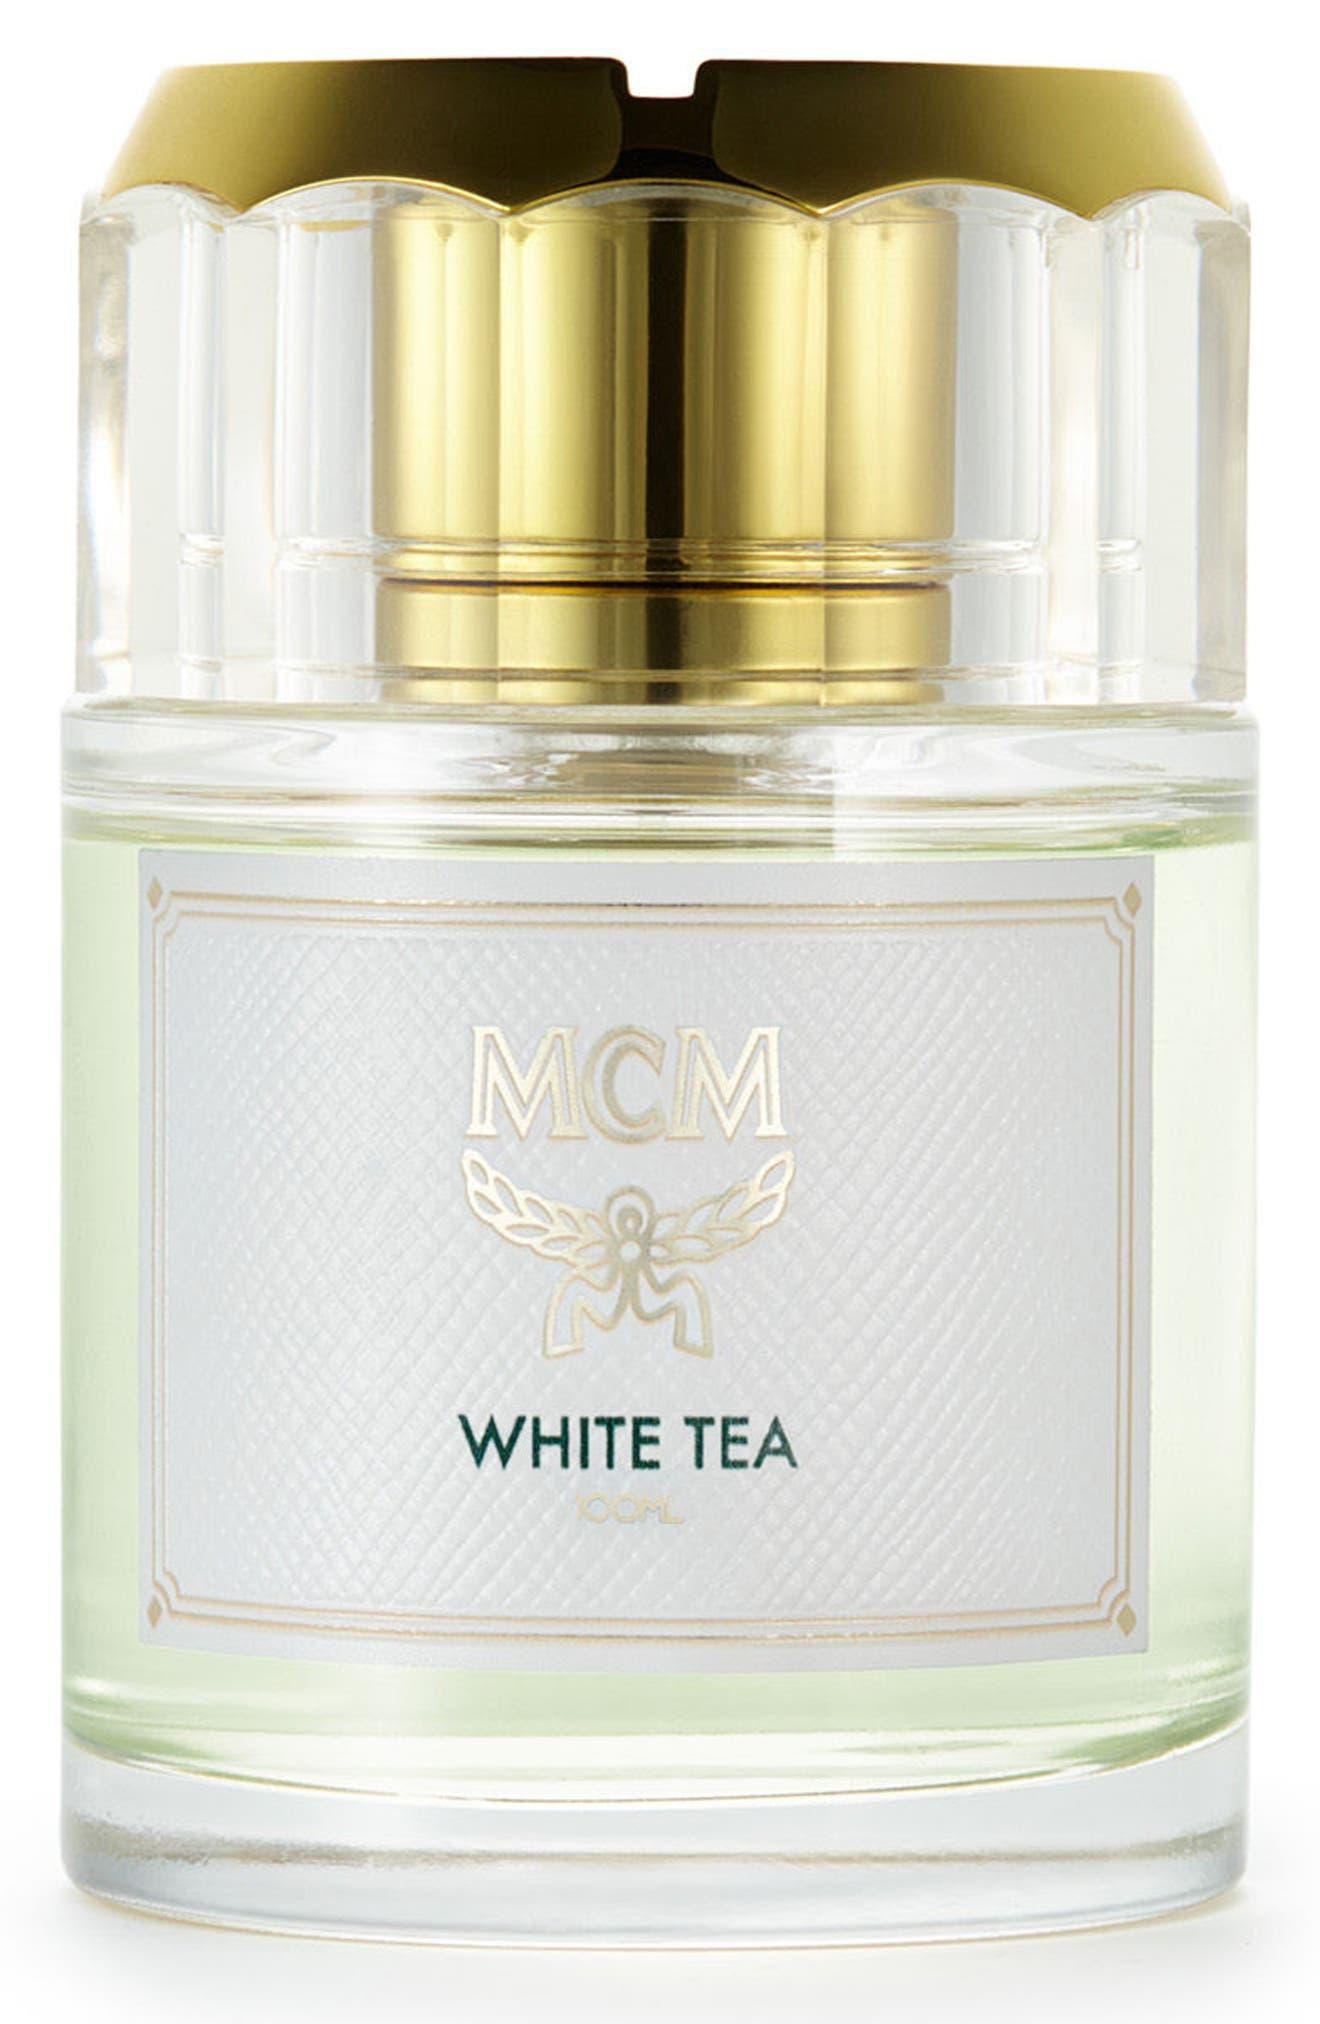 Main Image - MCM White Tea Perfume